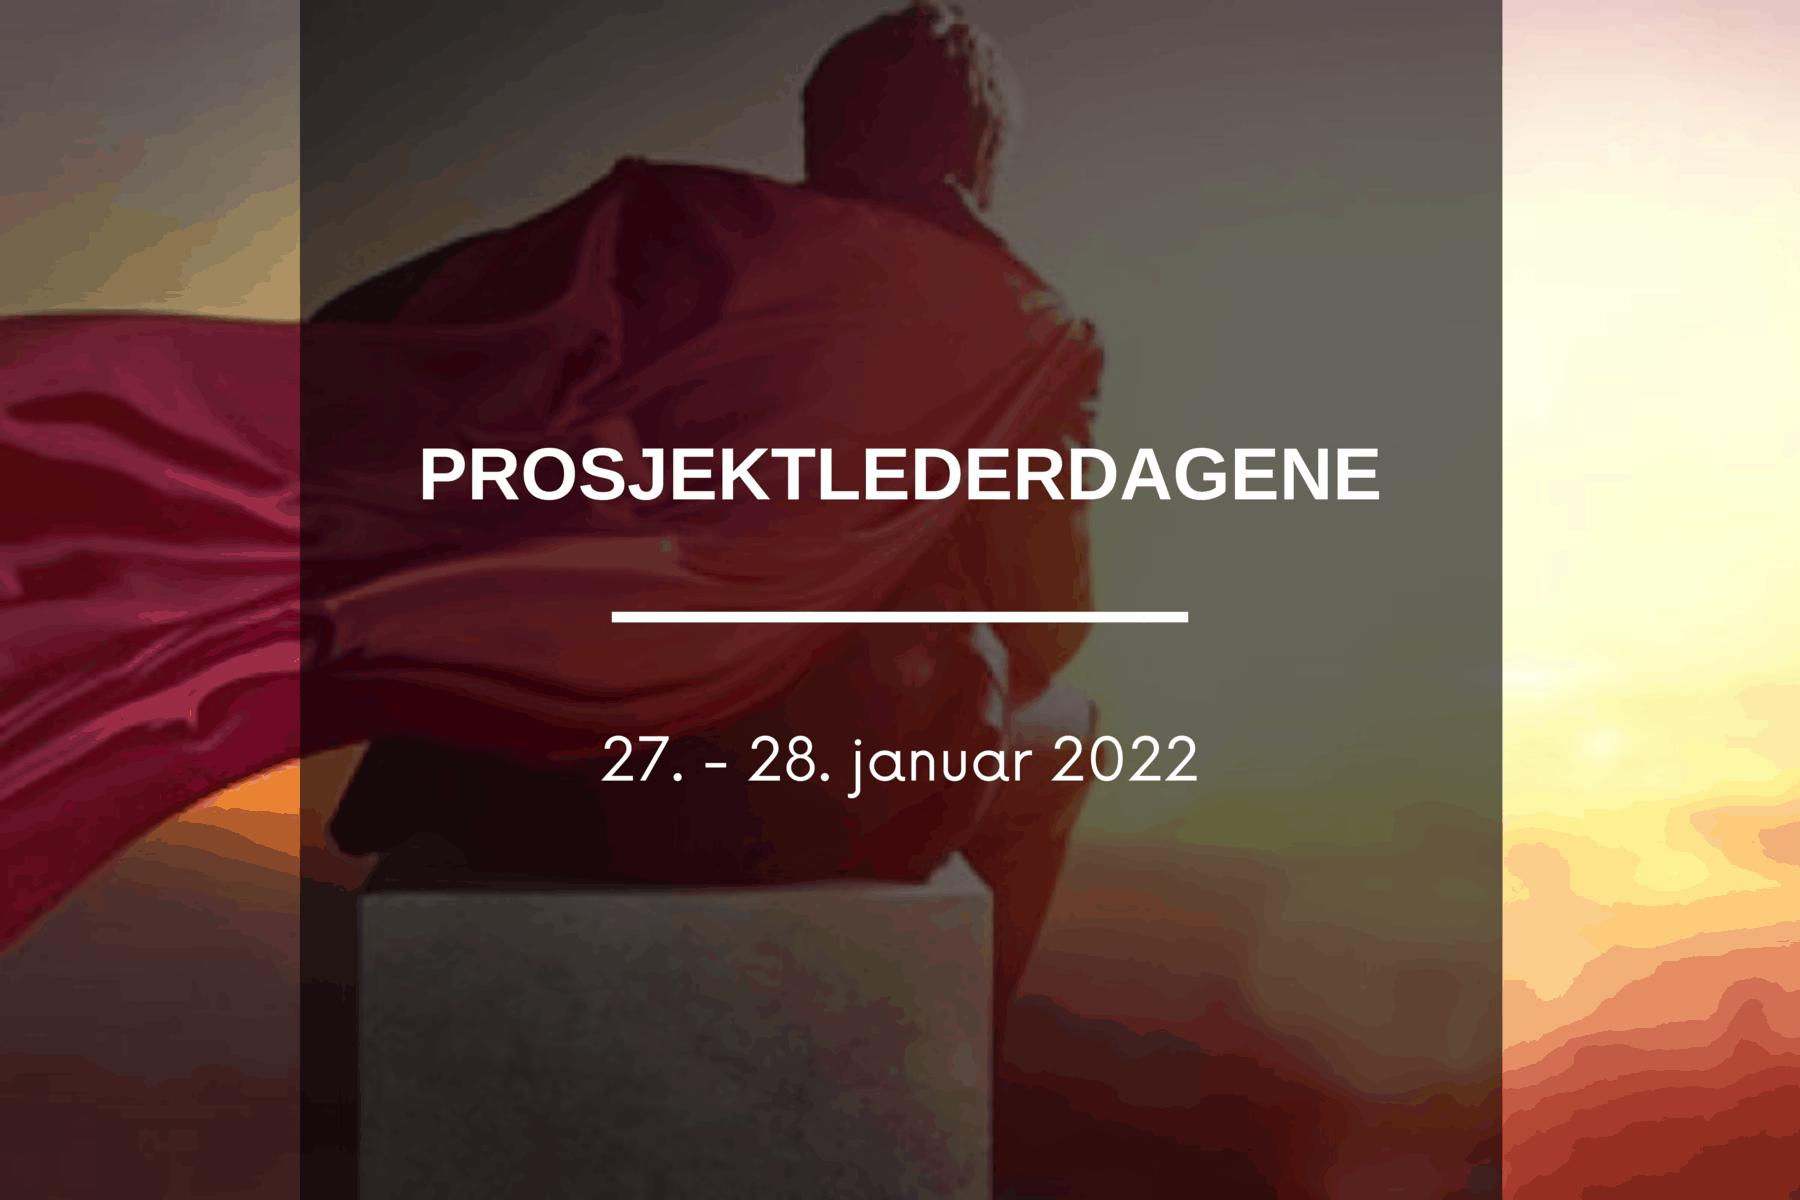 Prosjektlederdagene 2022